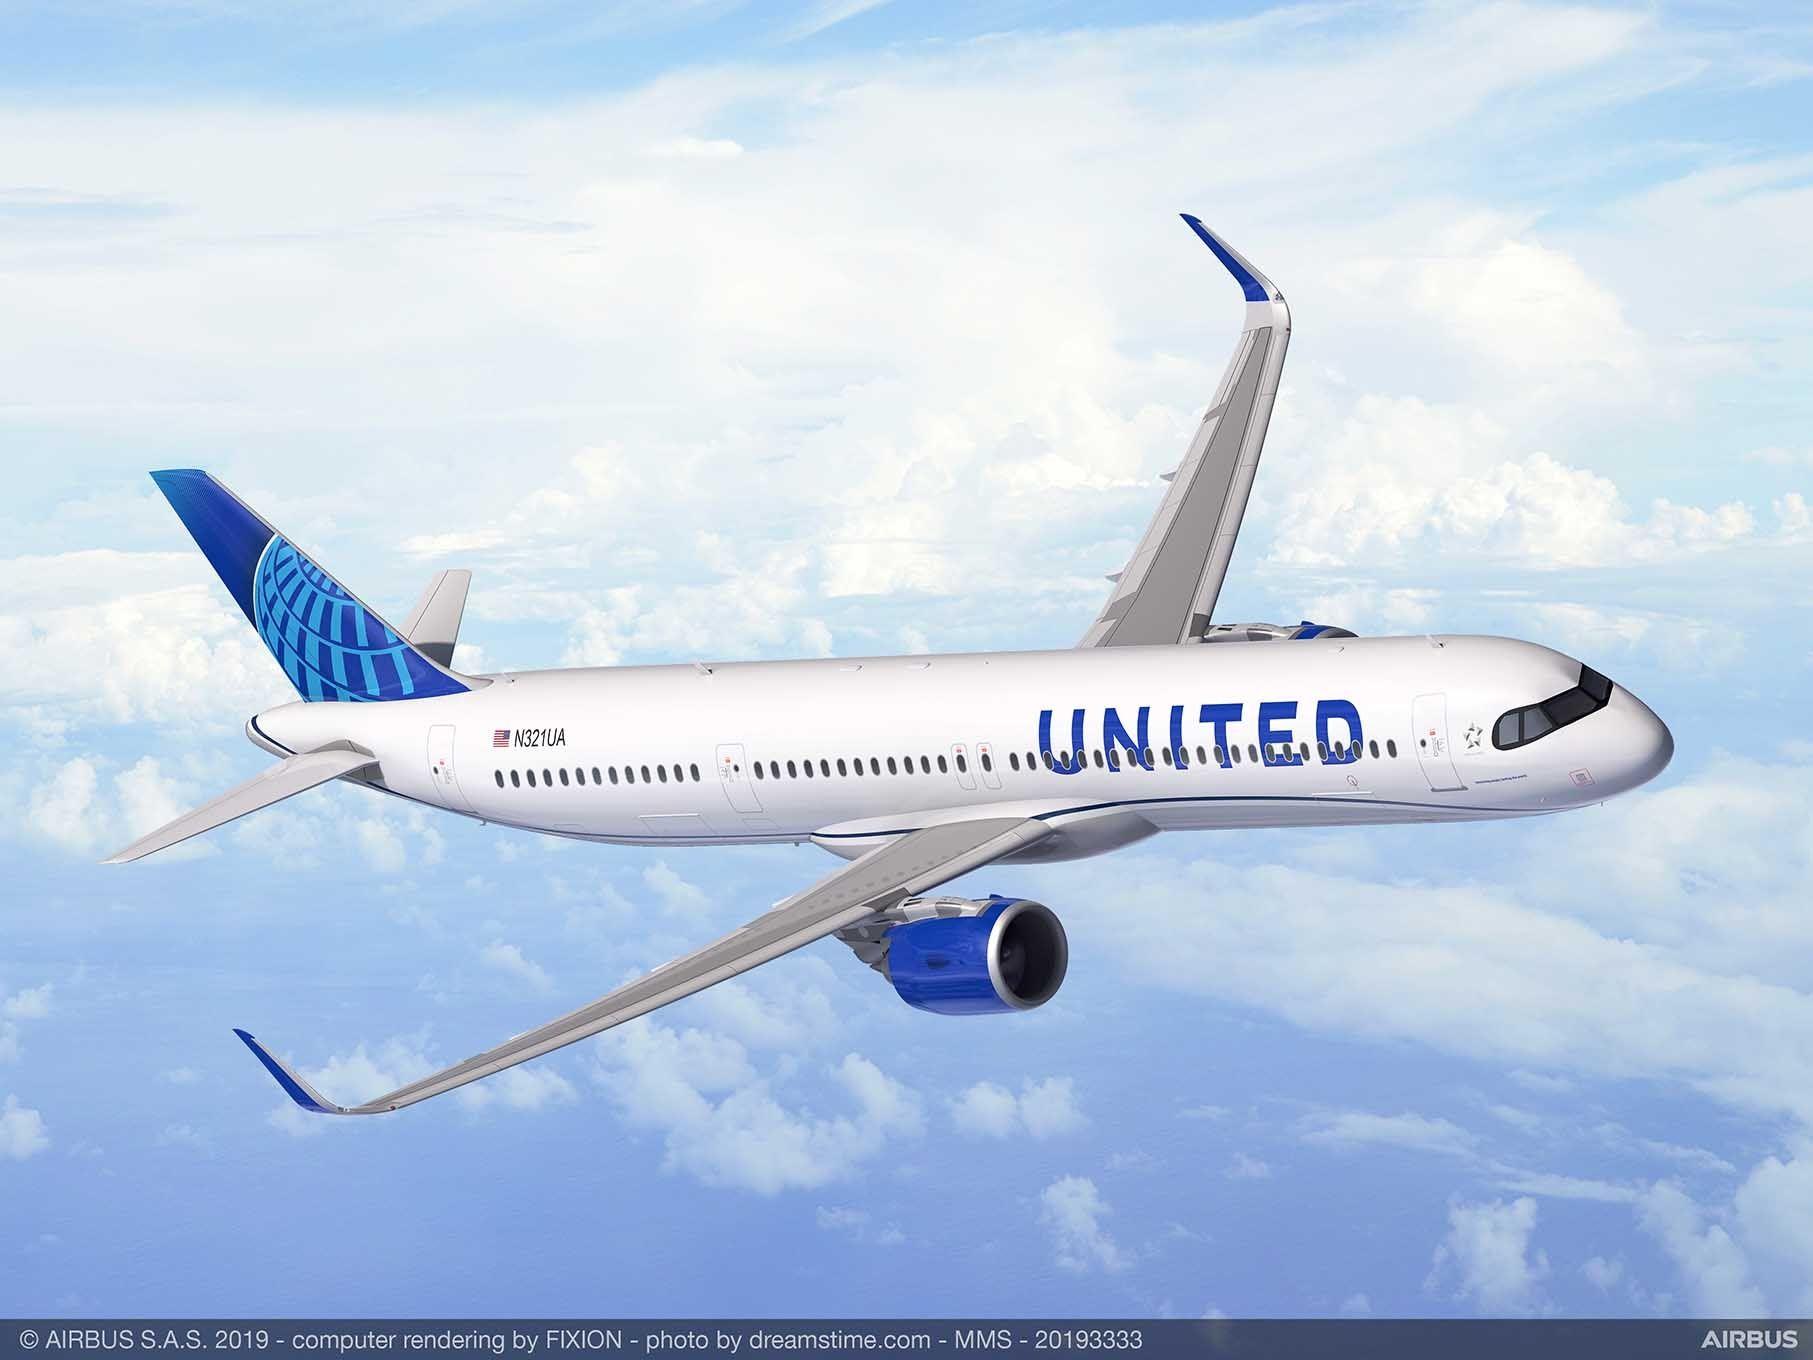 美国联合航空订购50架超远程型空客A321XLR飞机